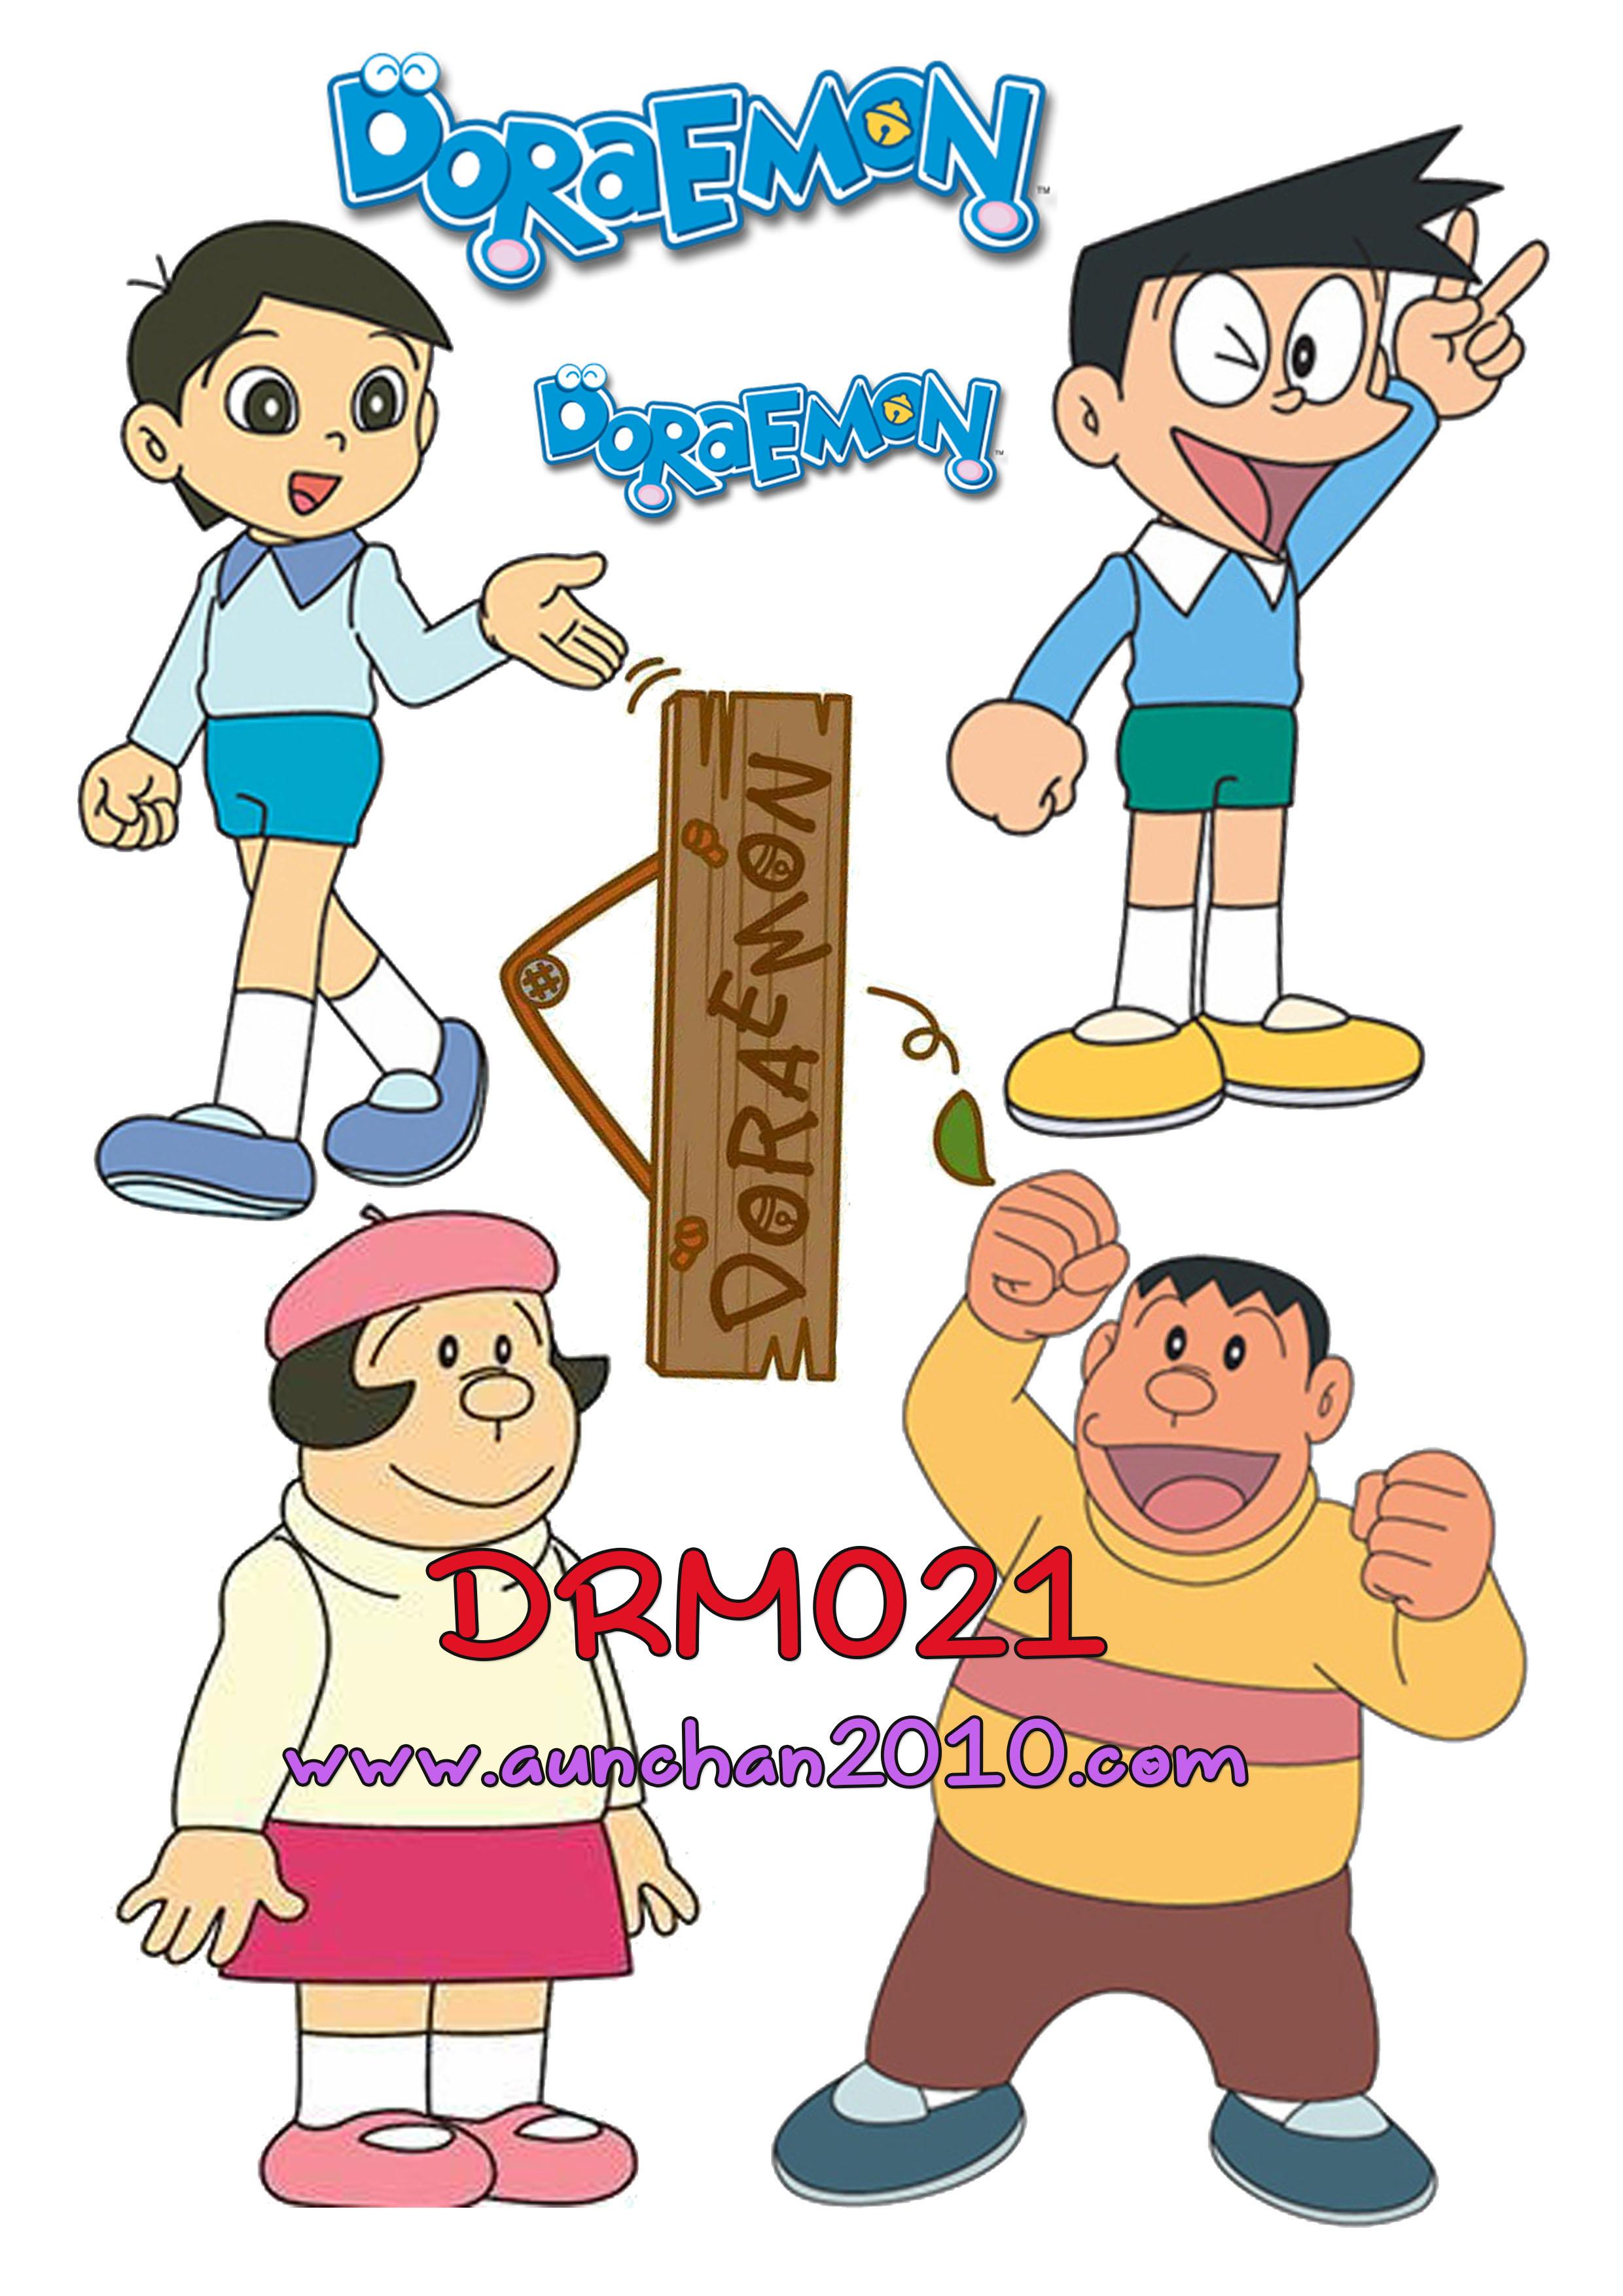 DRM021 กระดาษแนพกิ้น 21x30ซม. ลายโดราเอม่อน